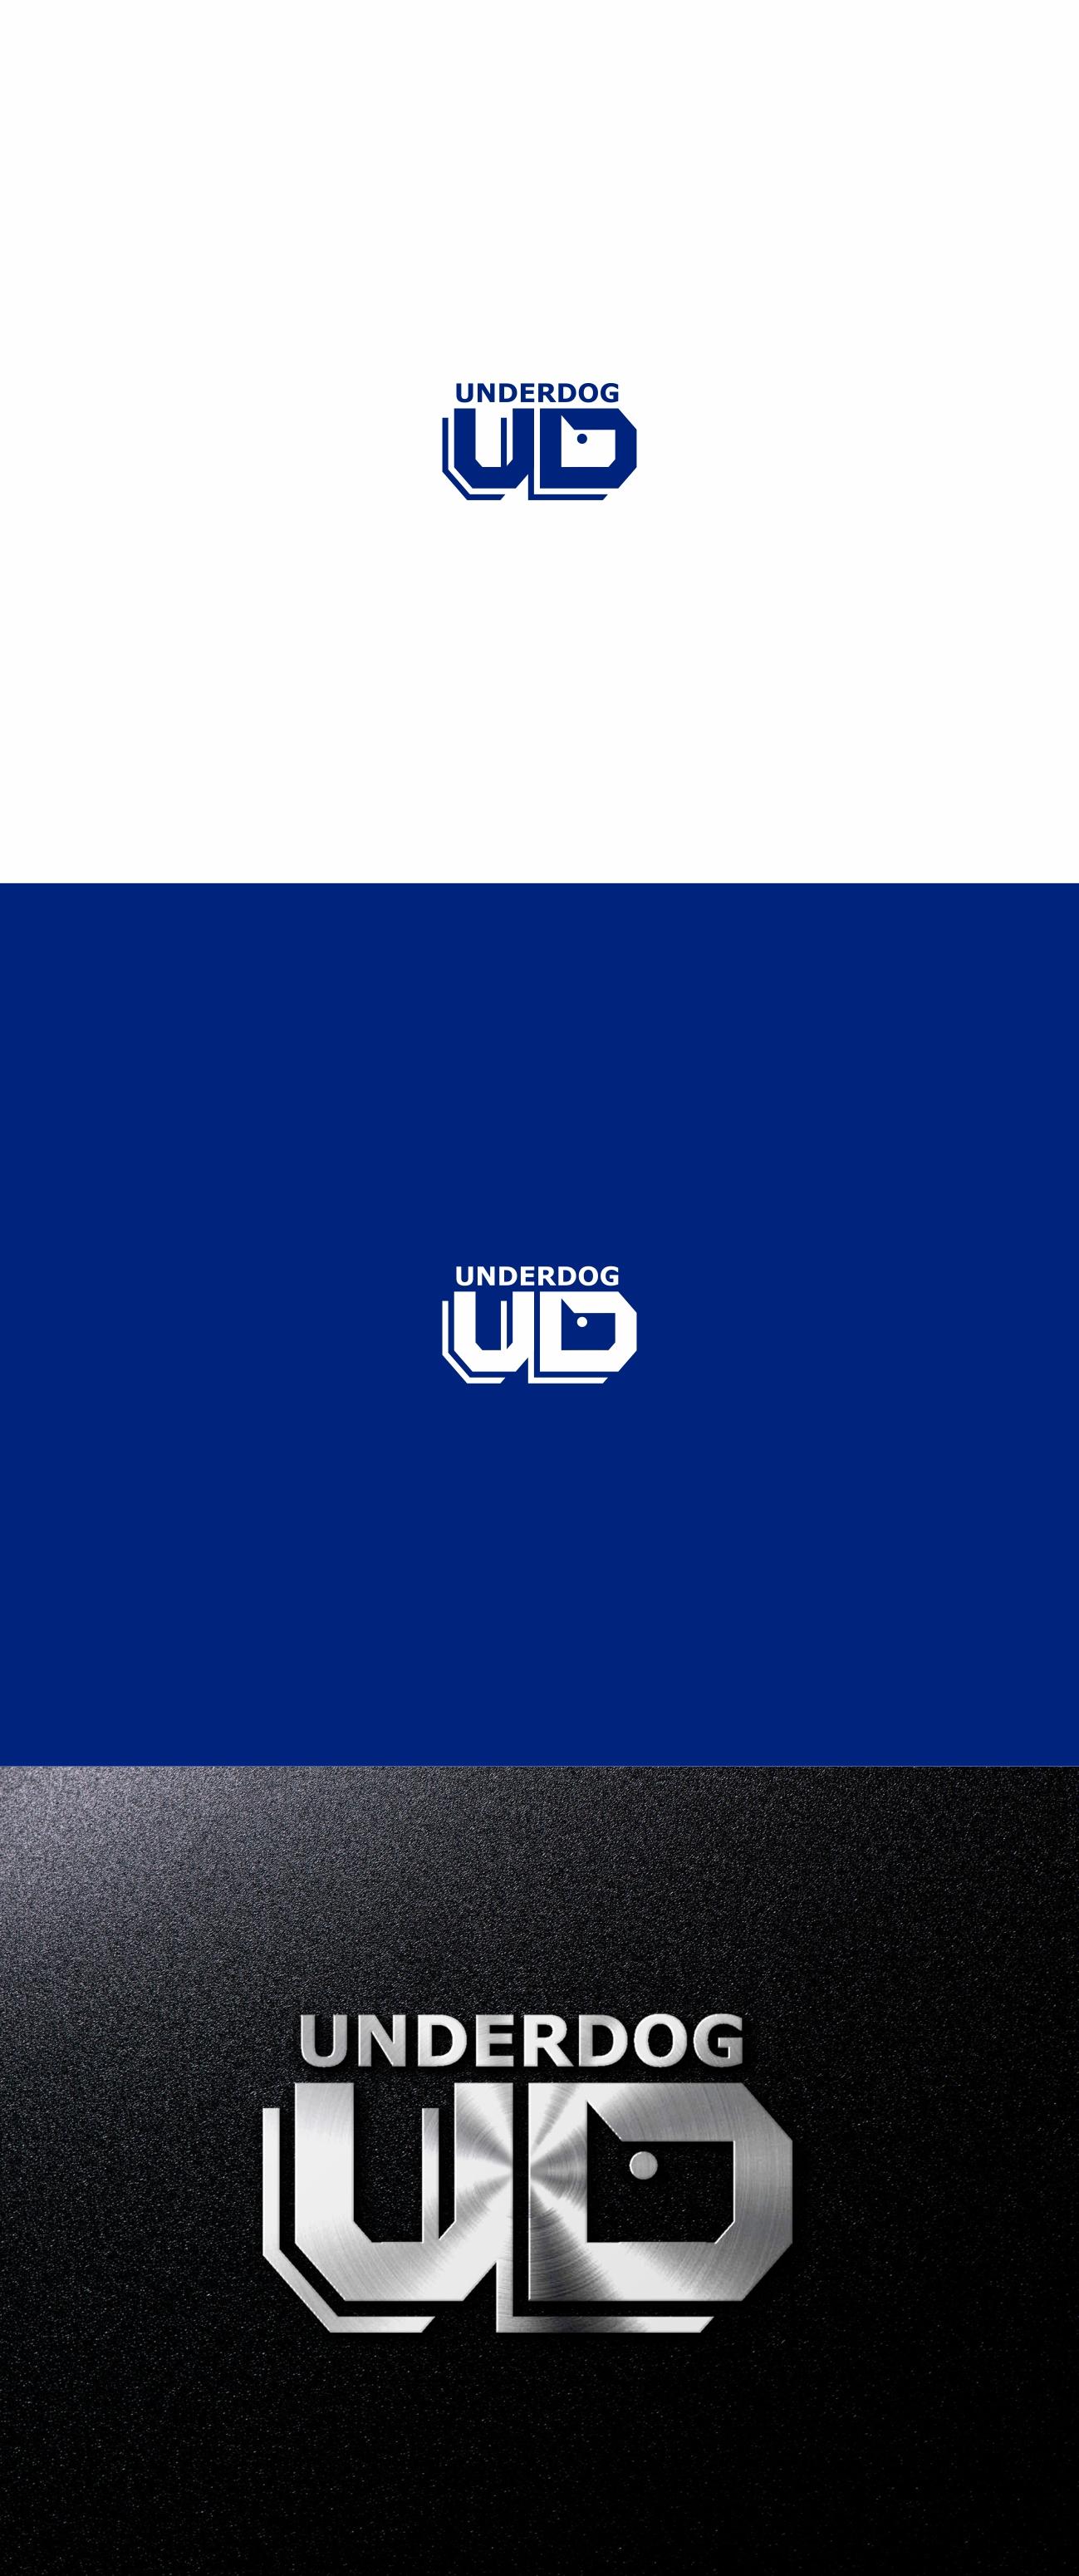 Футбольный клуб UNDERDOG - разработать фирстиль и бренд-бук фото f_2325cb4d0769c69a.jpg